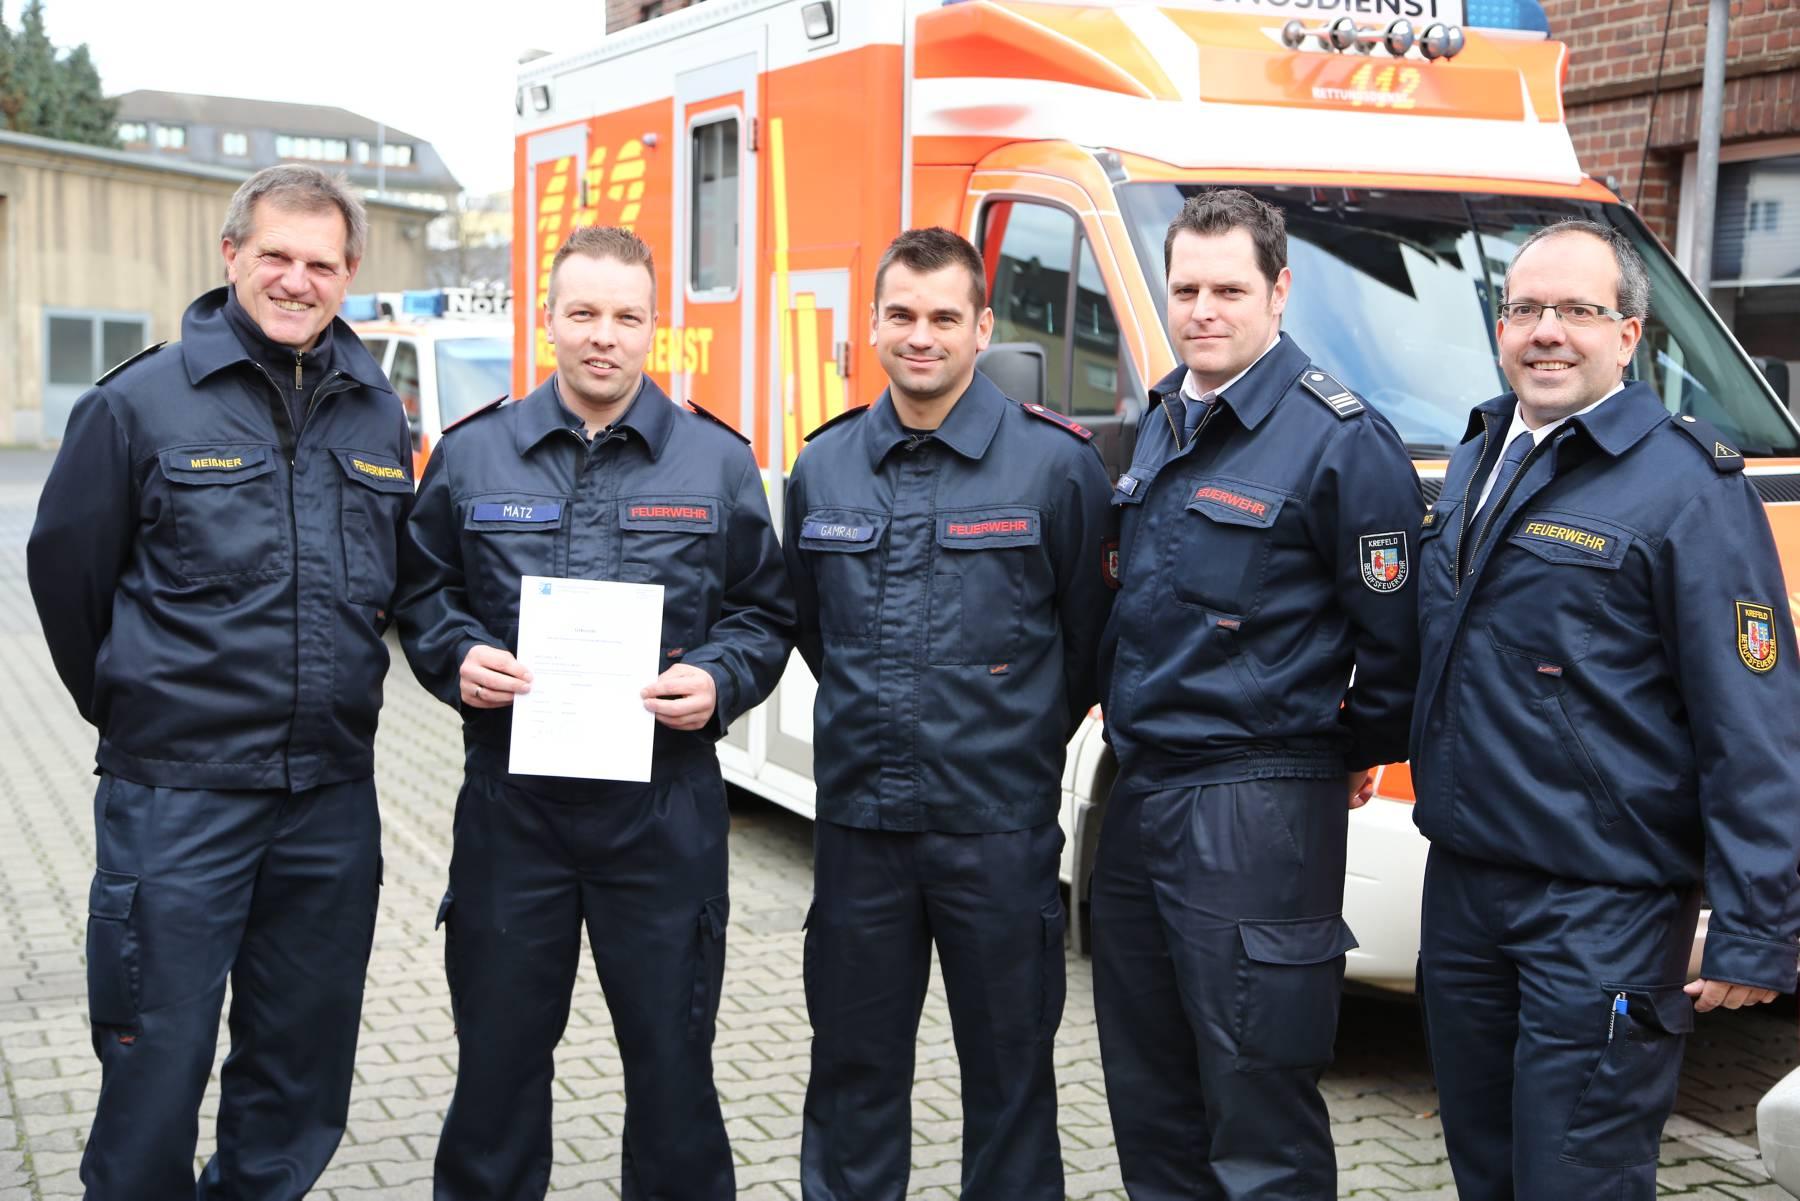 Der Leiter der Feuerwehr Krefeld Dietmar Meißner (links) und der Ärztliche Leiter des Rettungsdienstes der Stadt Krefeld Dr. Andre Wiegratz (rechts) gratulierten bei der Übergabe der ersten Urkunden (Foto: Stadt Krefeld)